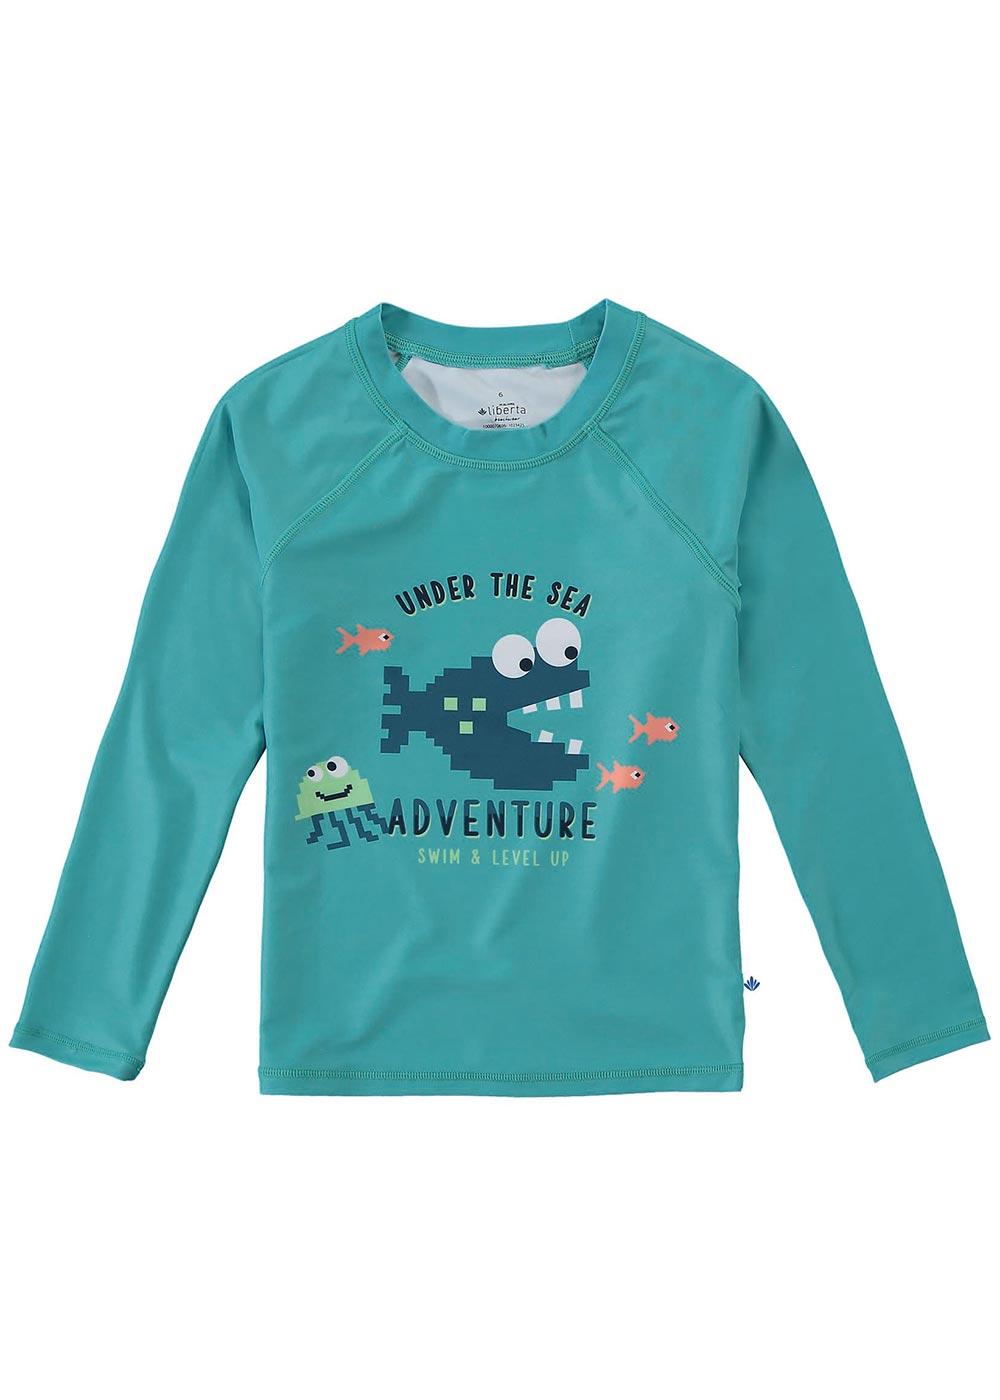 Blusa com Proteção UV Infantil Masculino Verão Verde Adventure - Malwee